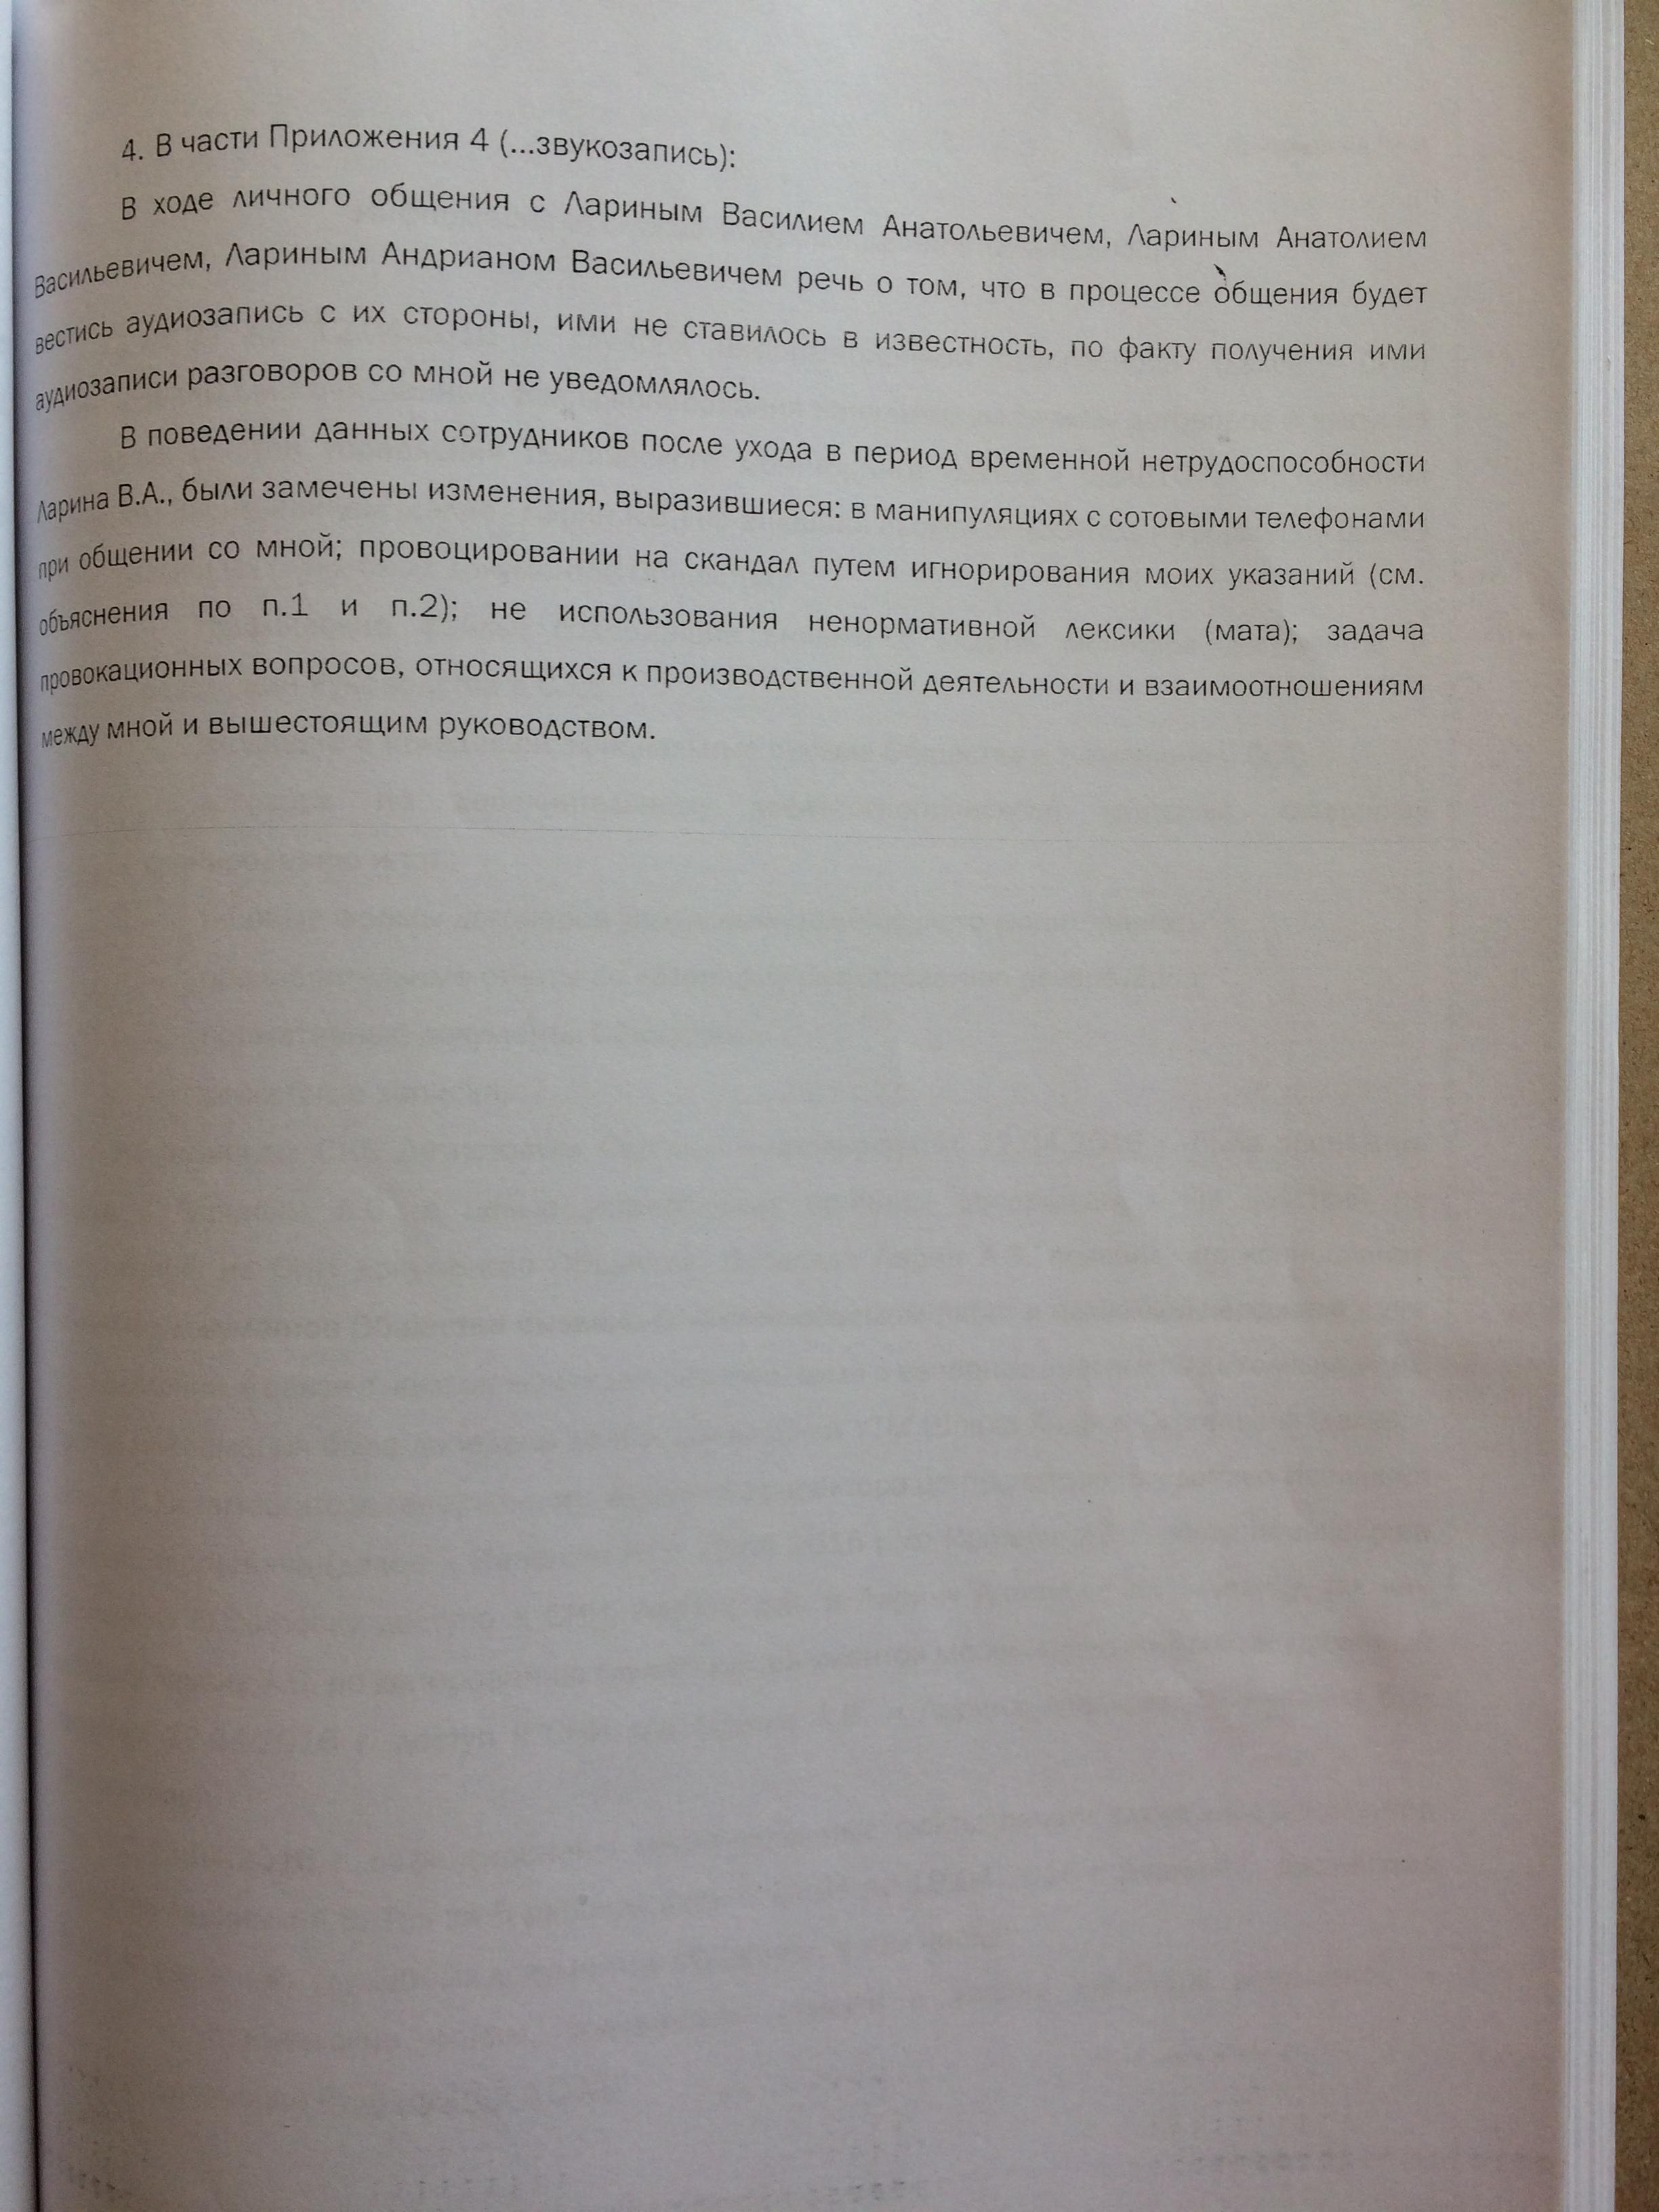 Фото документов проверки Луховицкой городской прокуратурой - 28 (5)